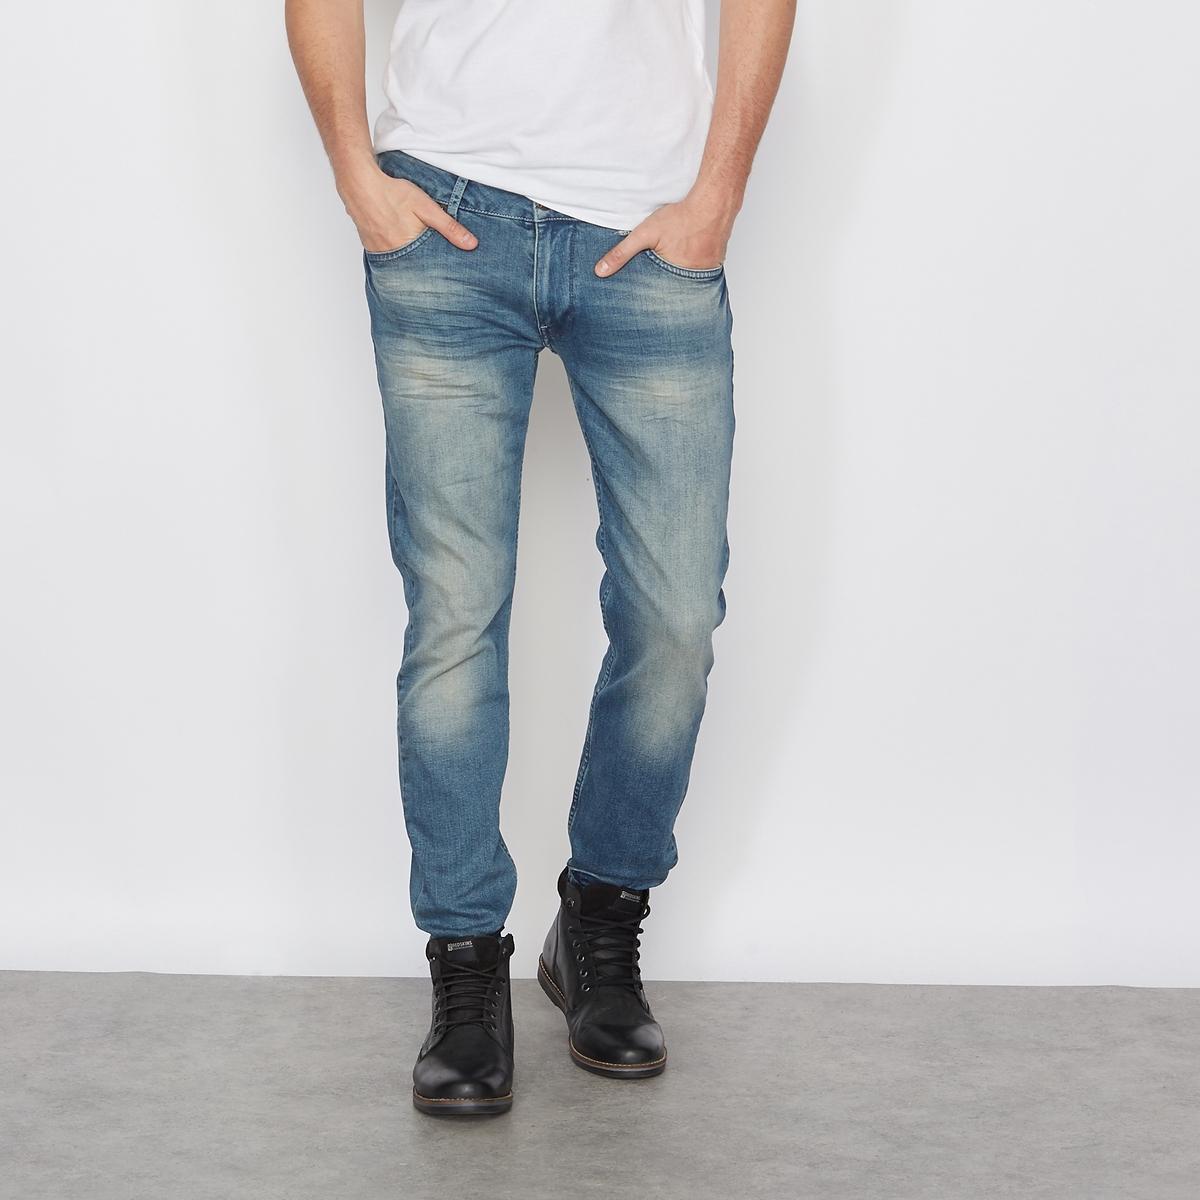 Джинсы прямыеПрямые джинсы с 5 карманами, PETROL INDUSTRIES. Застежка на молнию и пуговицу. Пояс со шлевками. Нашивка сзади. Состав и описаниеМатериал : 99% хлопка, 1% эластанаМарка : PETROL INDUSTRIES<br><br>Цвет: голубой потертый,синий,темно-синий<br>Размер: 36 (US) длина 32.34 длина 32 (US).32 длина 34 (US).31 (US) длина 34.31 длина 32 (US).30 (US) длина 32.36  длина 34 (US).32 (US) длина 32.31 (US) длина 34.28 (US) длина 32.36 (US) длина 32.34 длина 32 (US).31 длина 32 (US).30 (US) длина 32.29 (US) длина 32